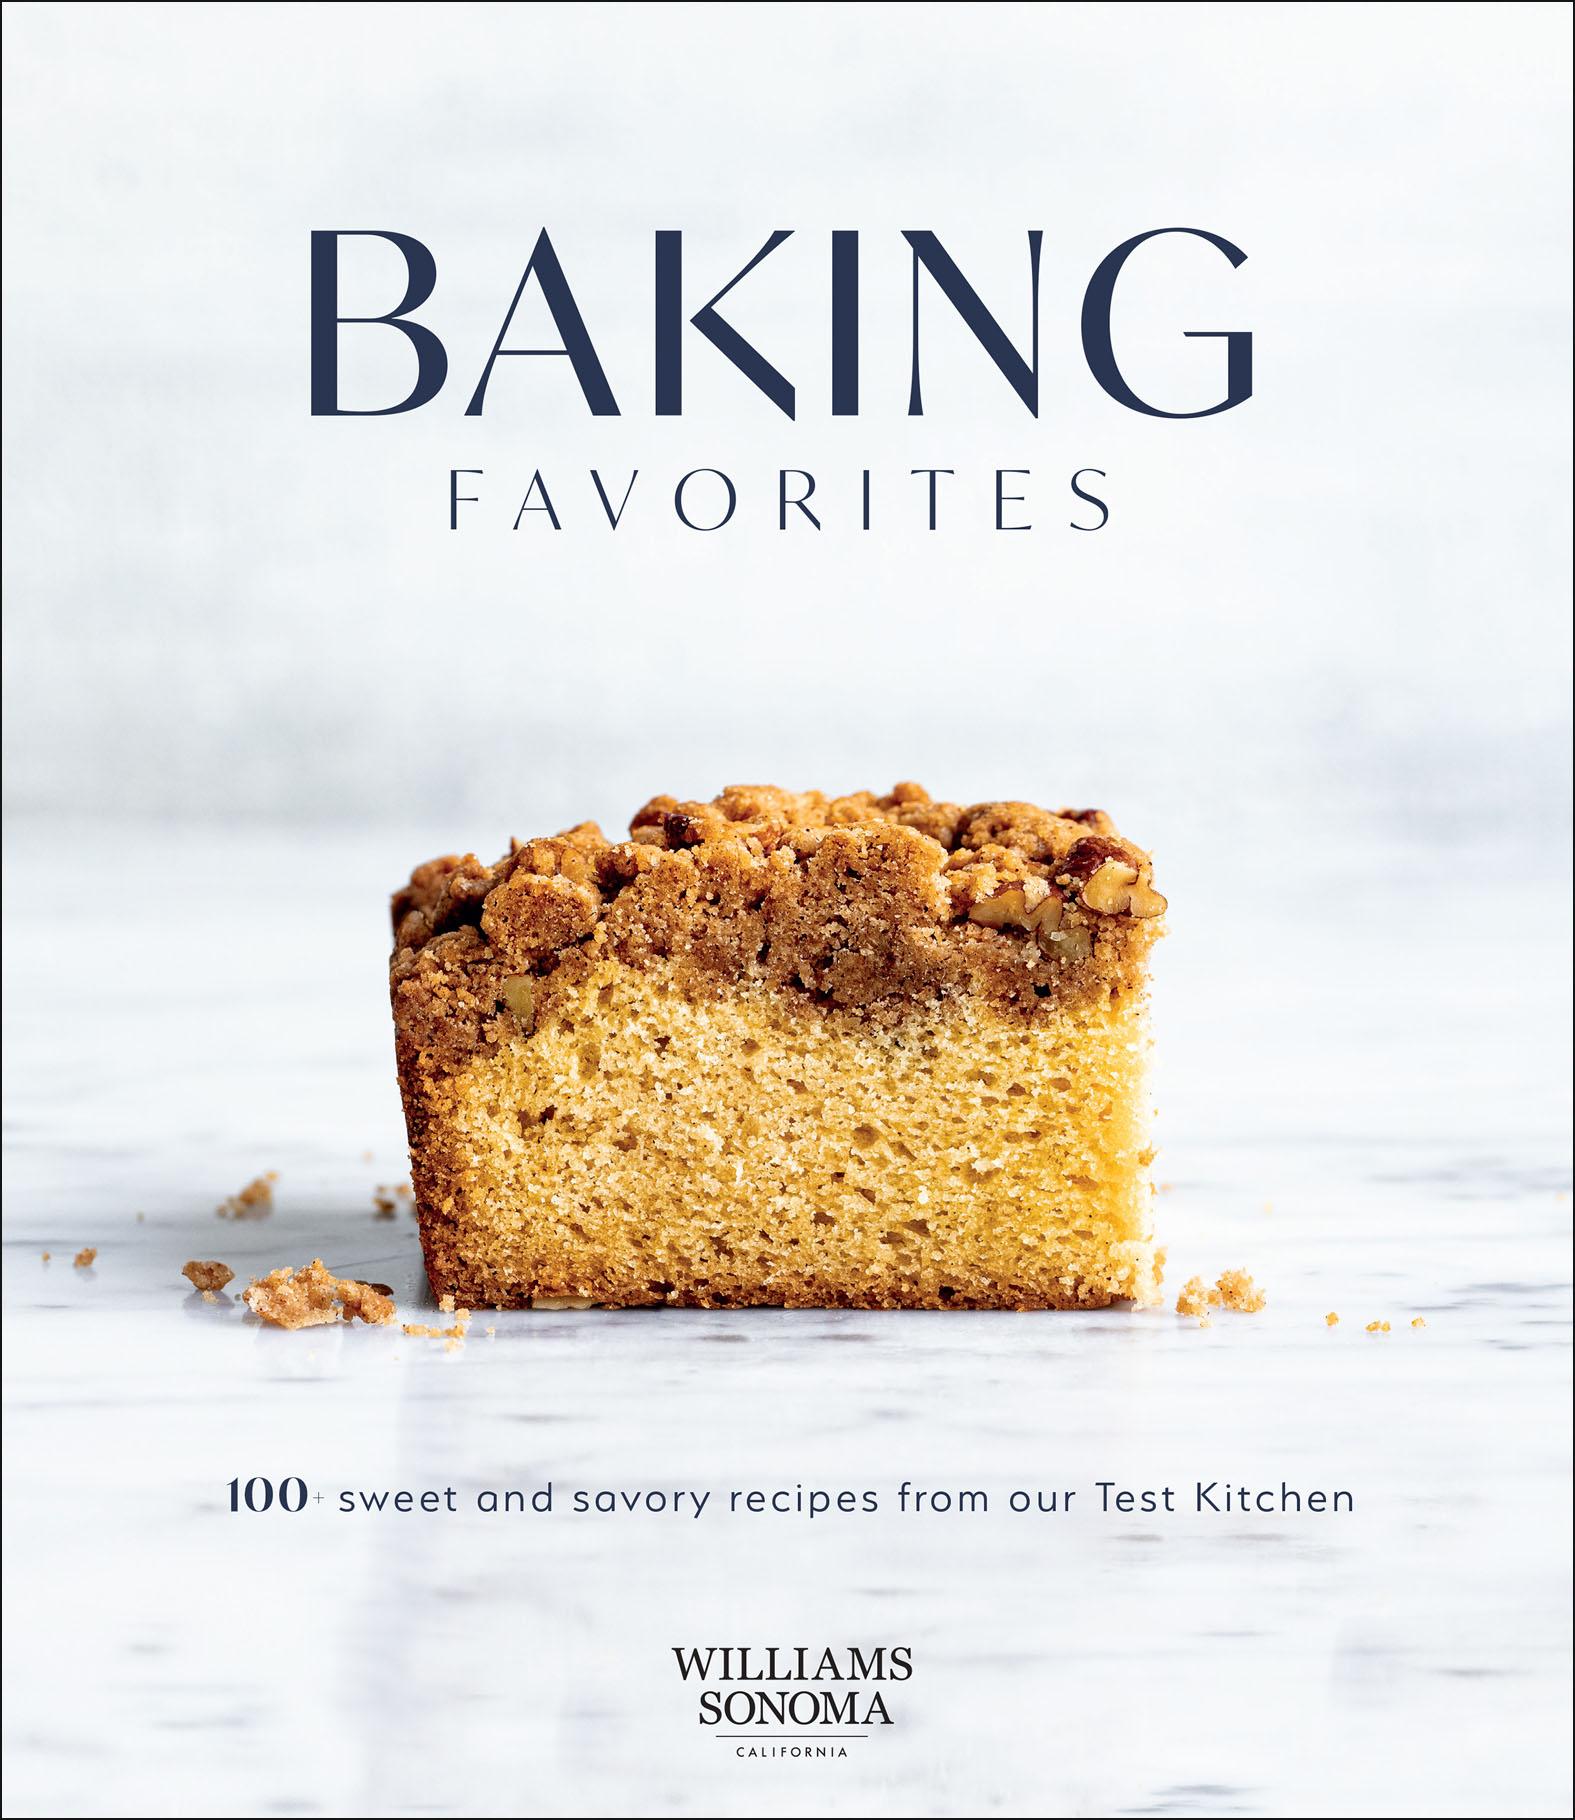 Baking Favorites